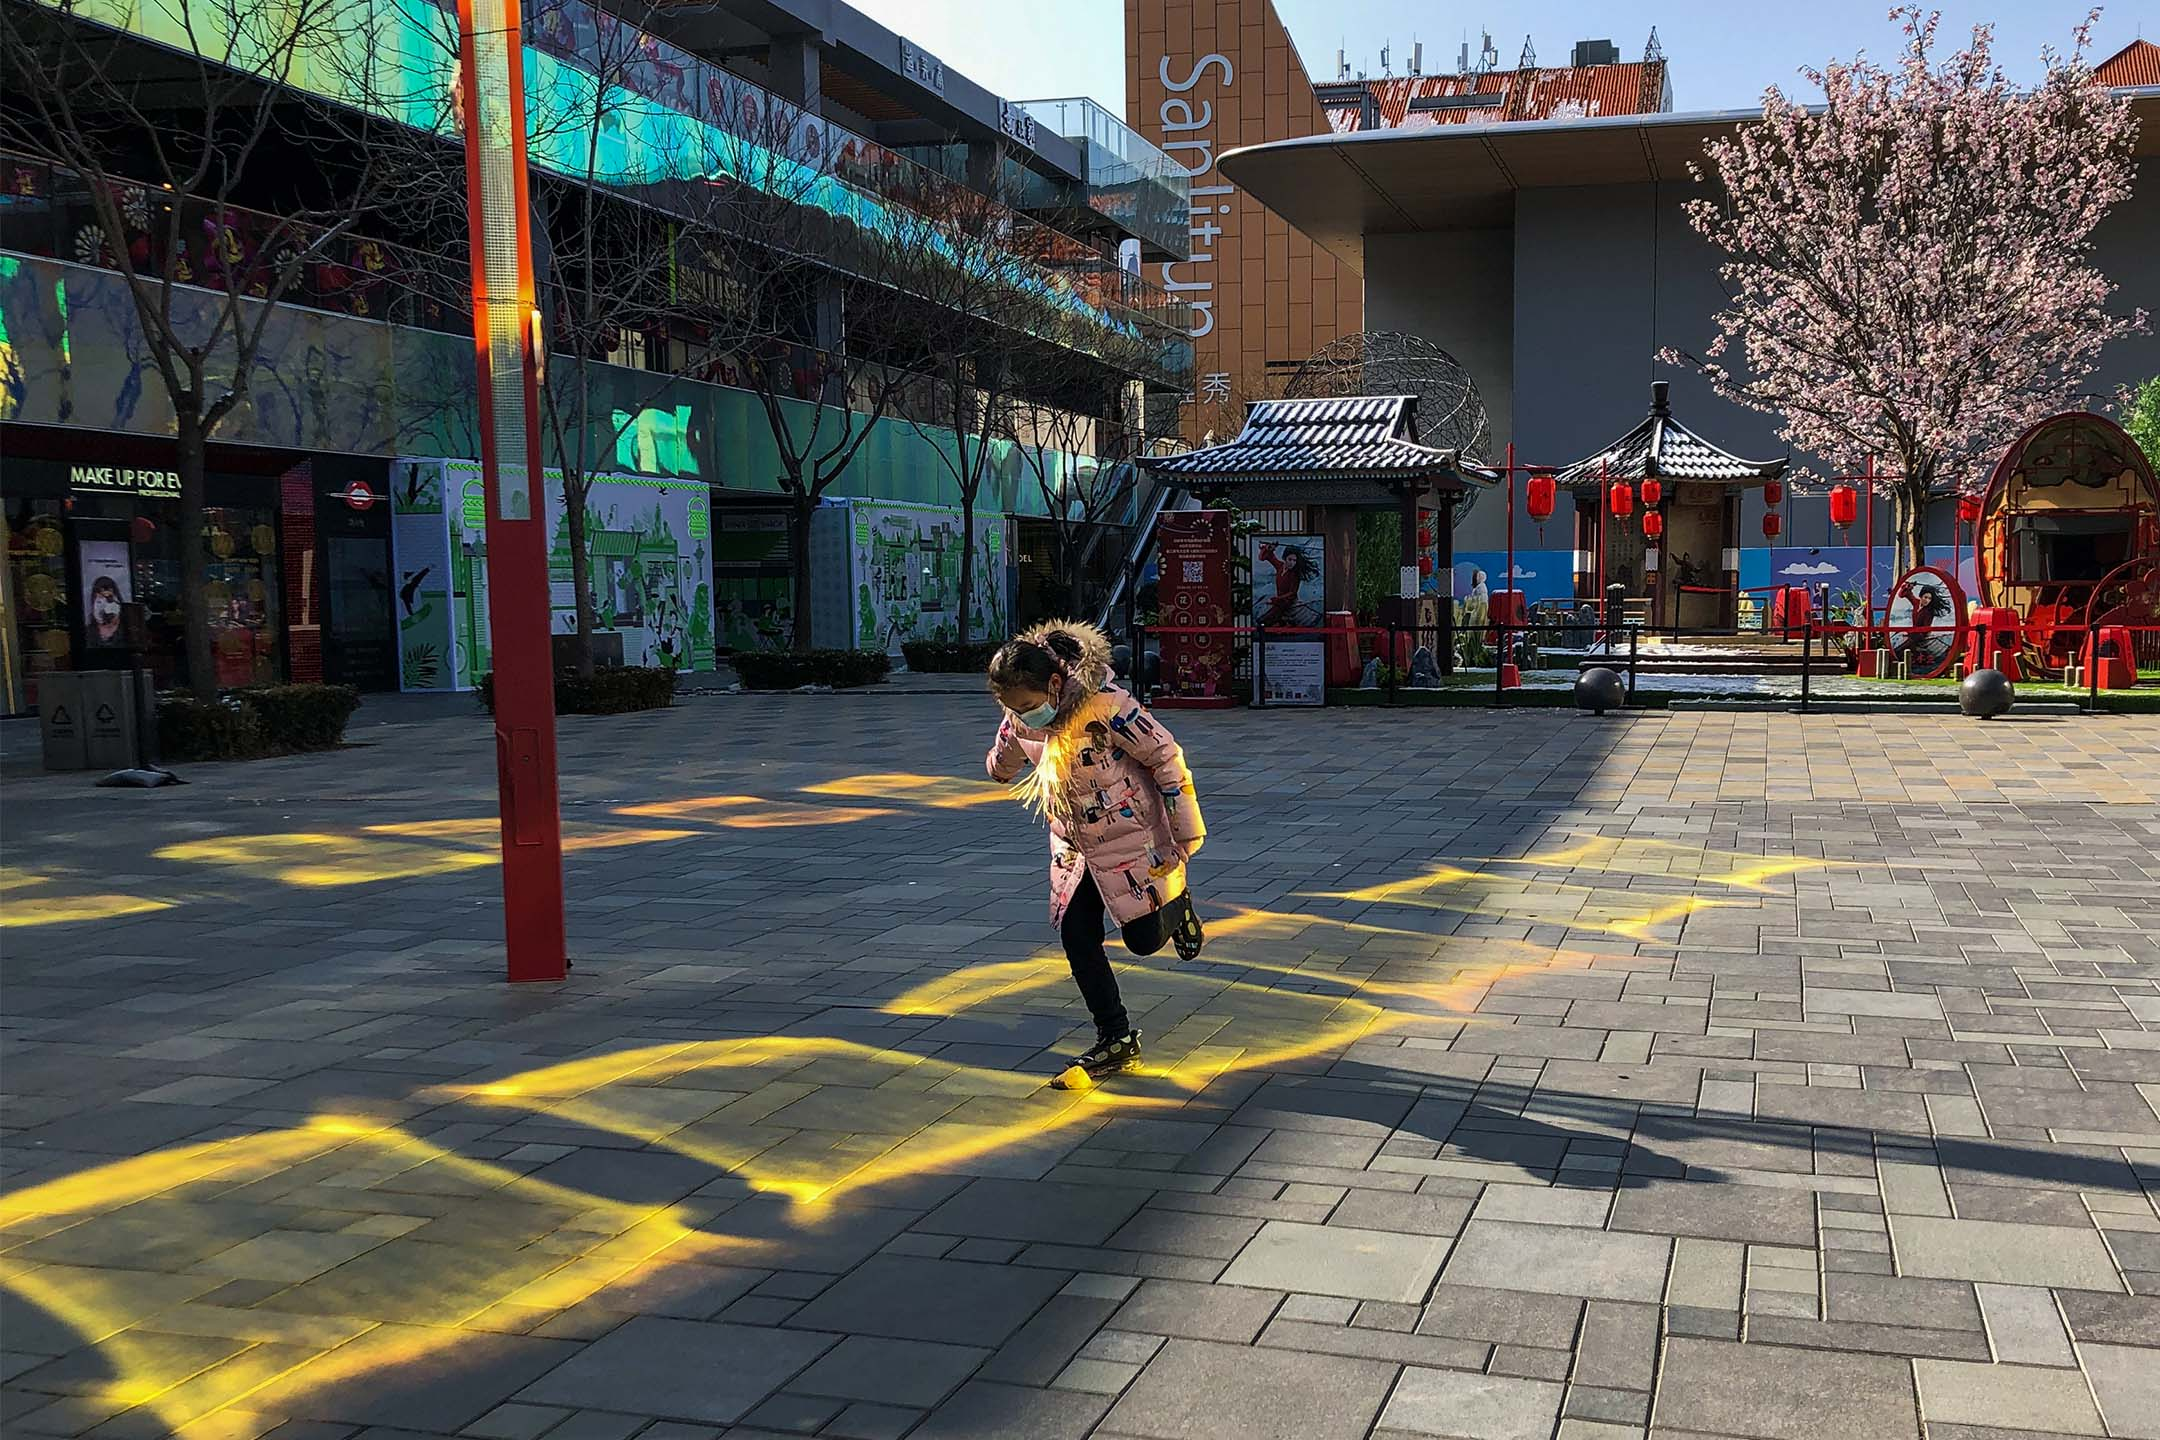 2020年2月17日北京,戴著口罩的女孩在商場玩耍。